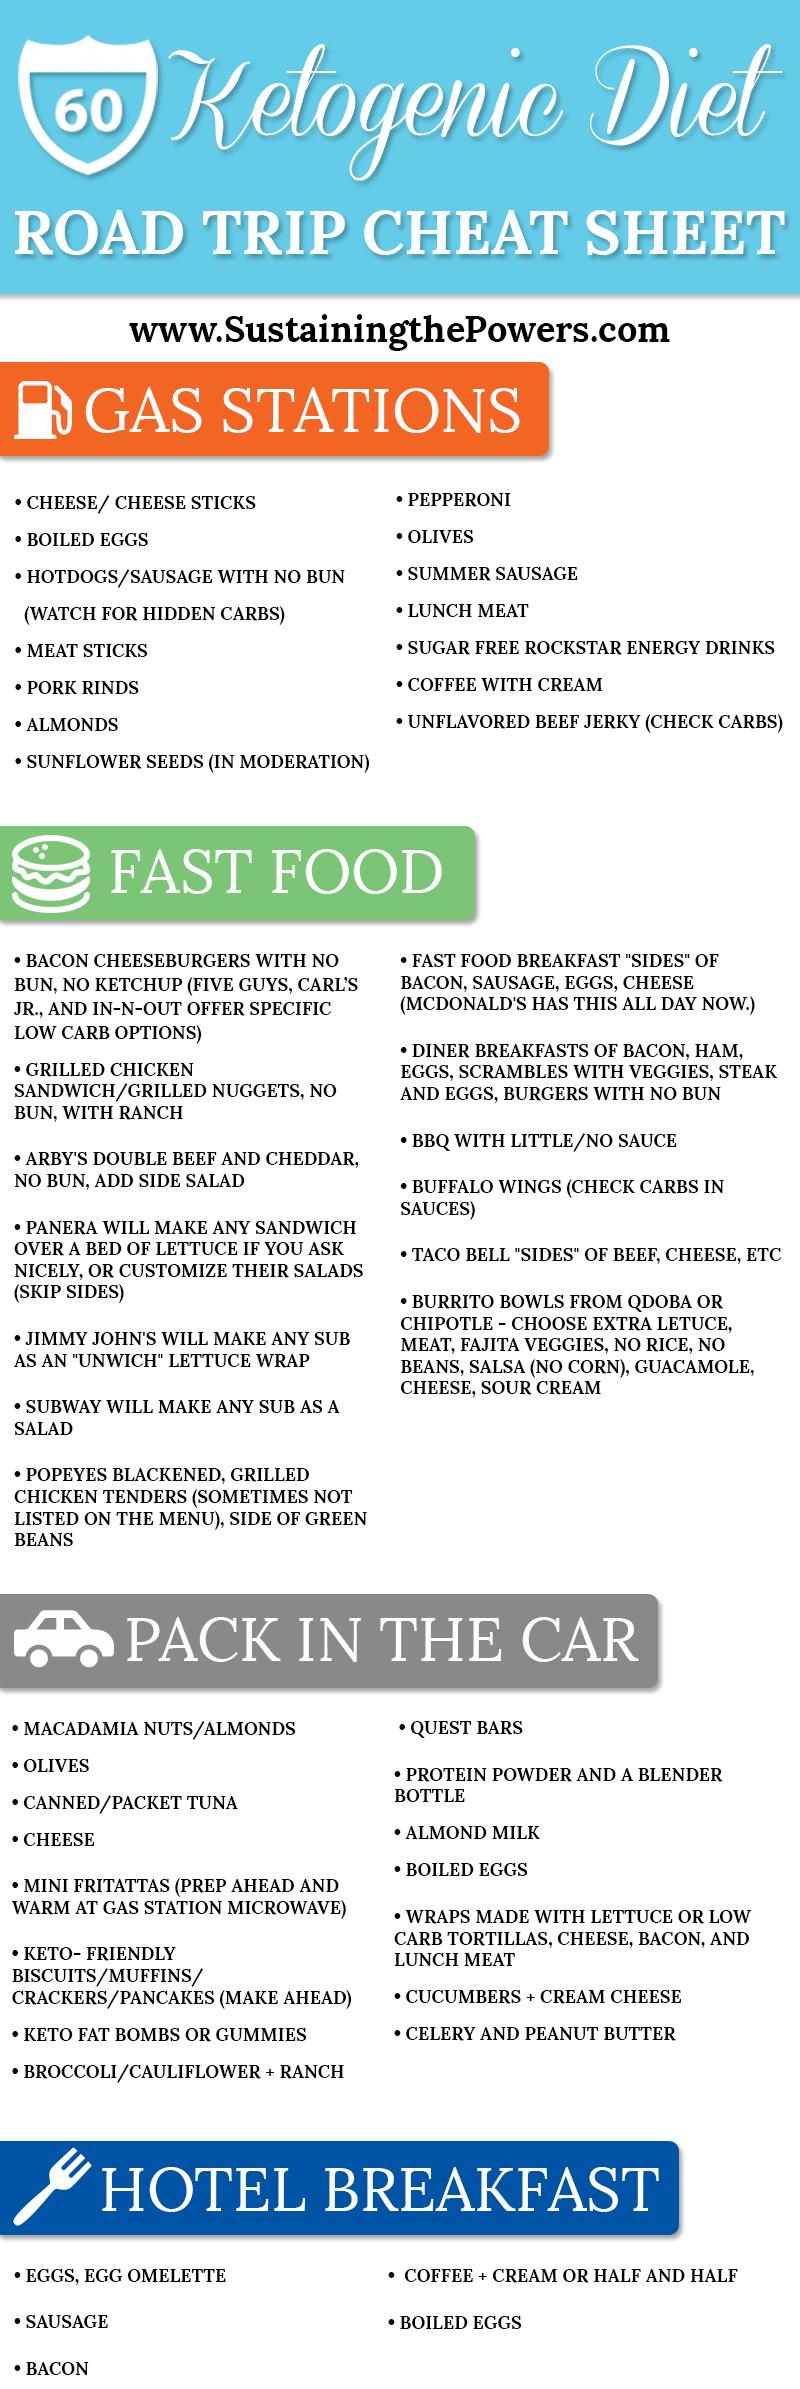 Ketogenic Diet Road Trip Cheat Sheet